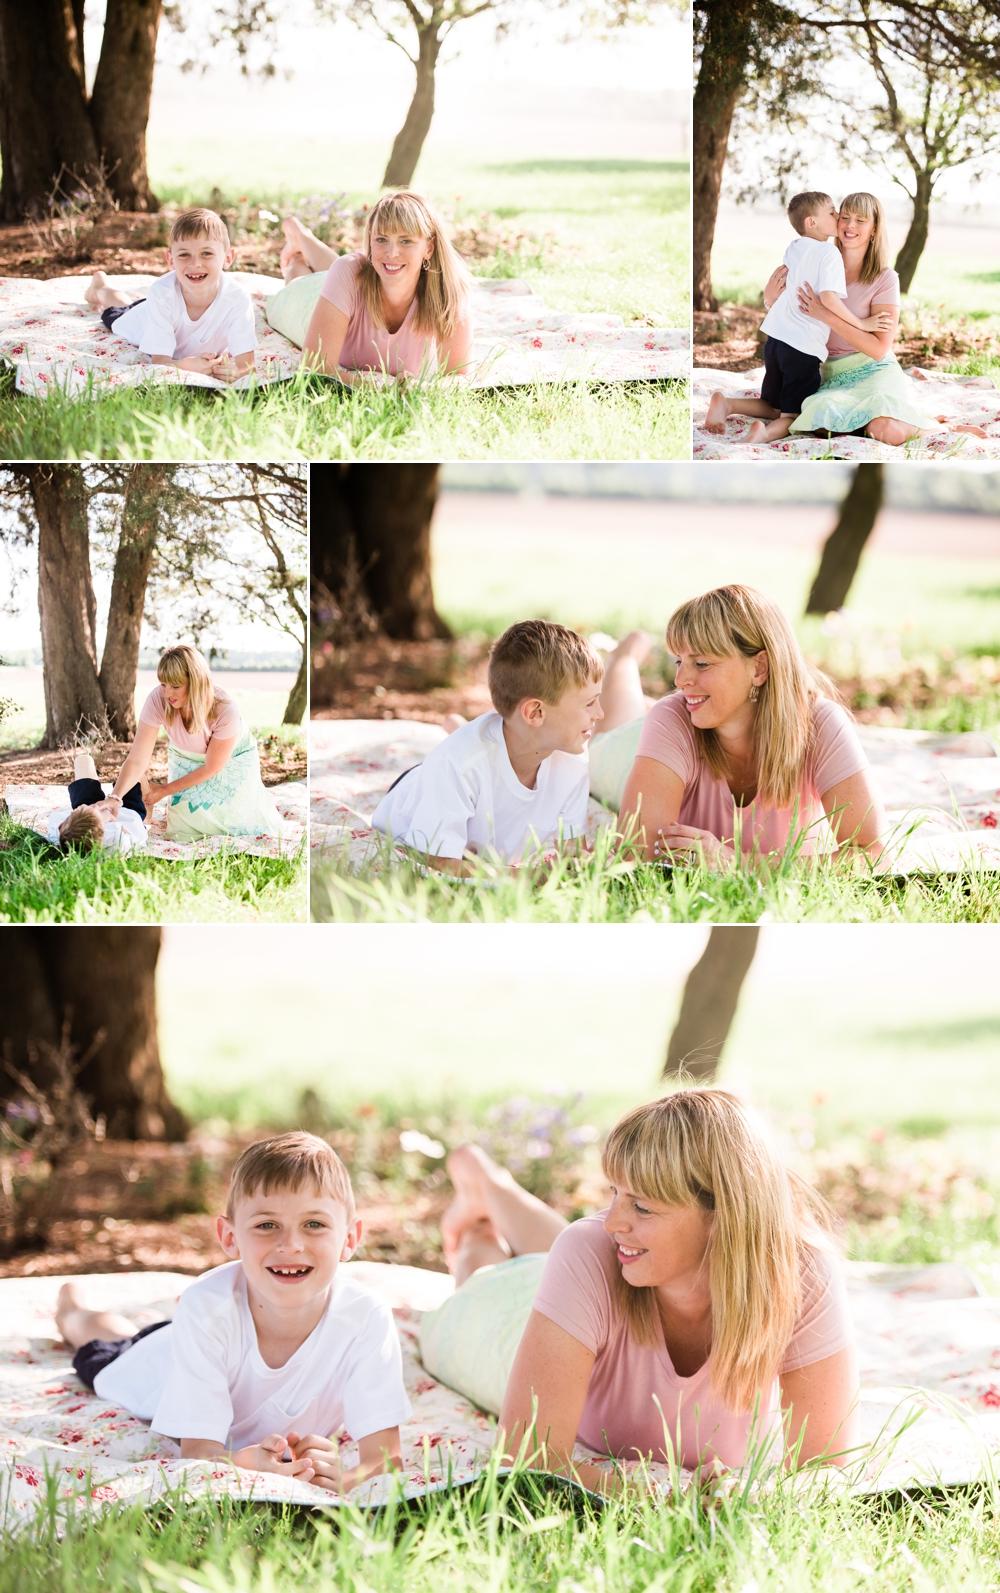 graham mommy me 5.jpg